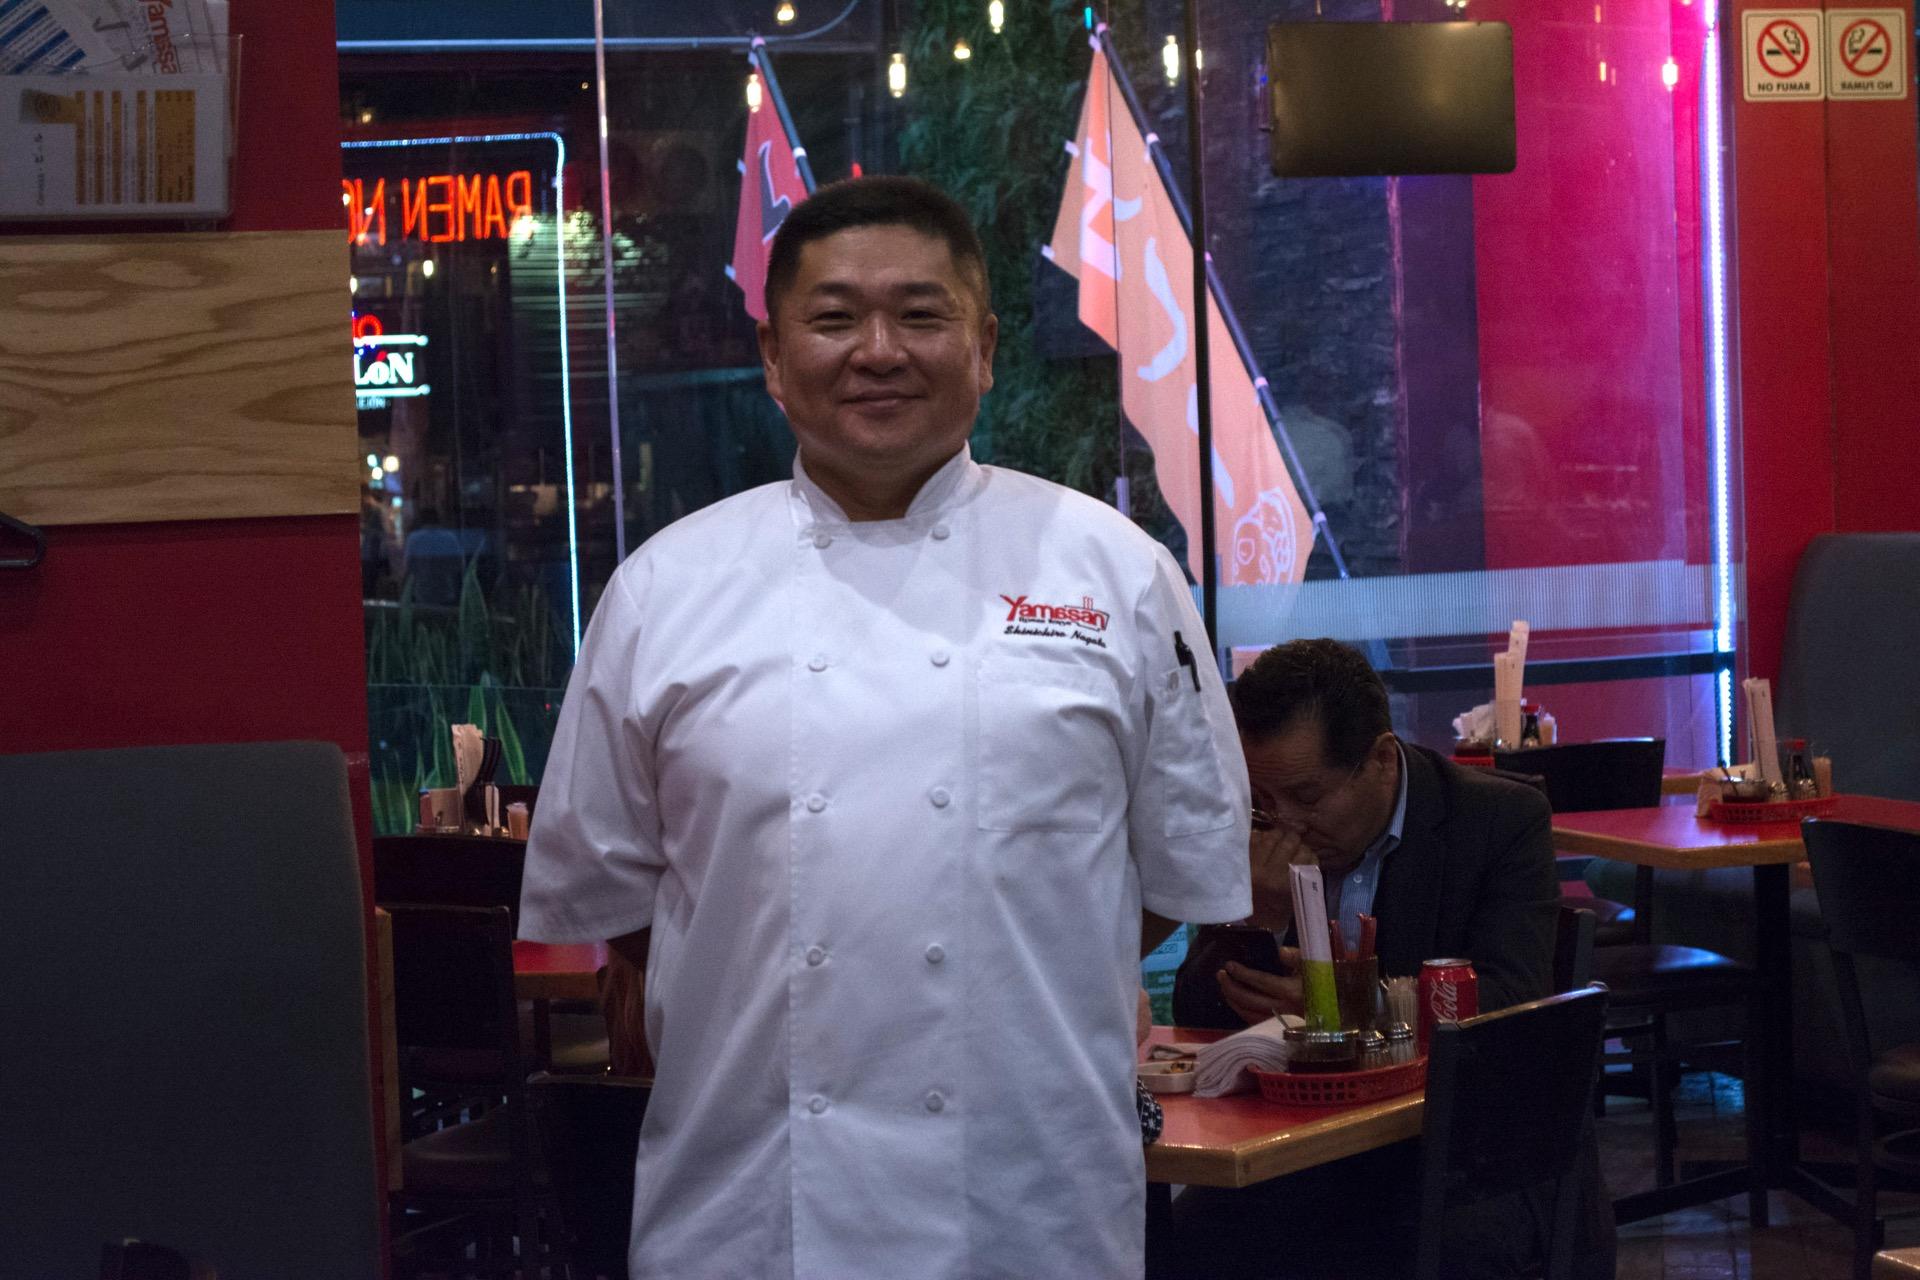 Chef Shinichiro Nagata